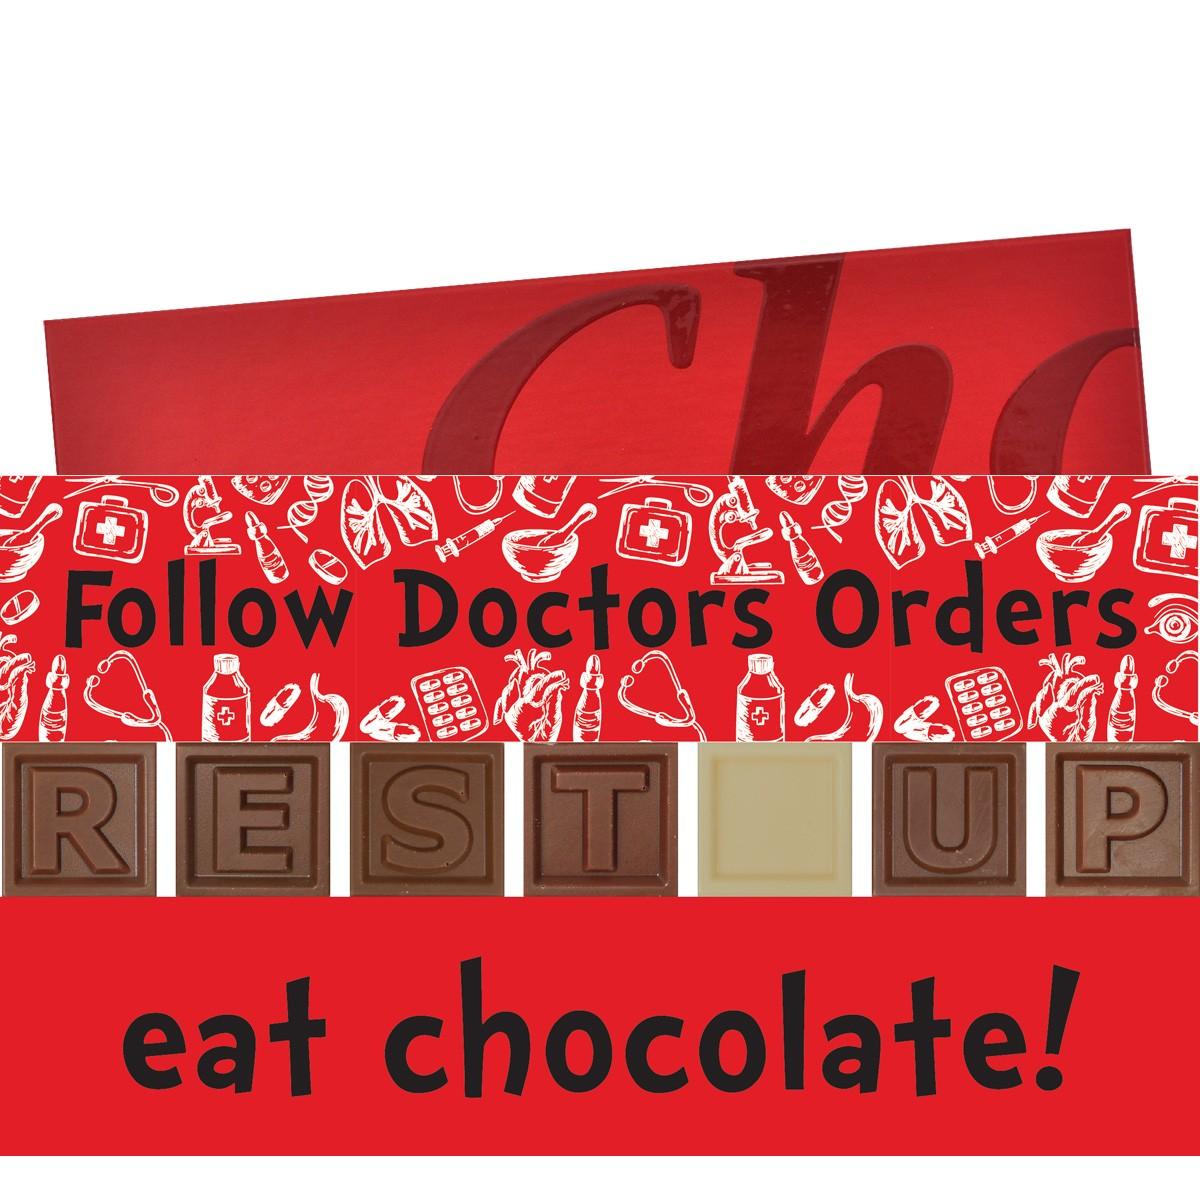 FOLLOW DOCTORS ORDERS